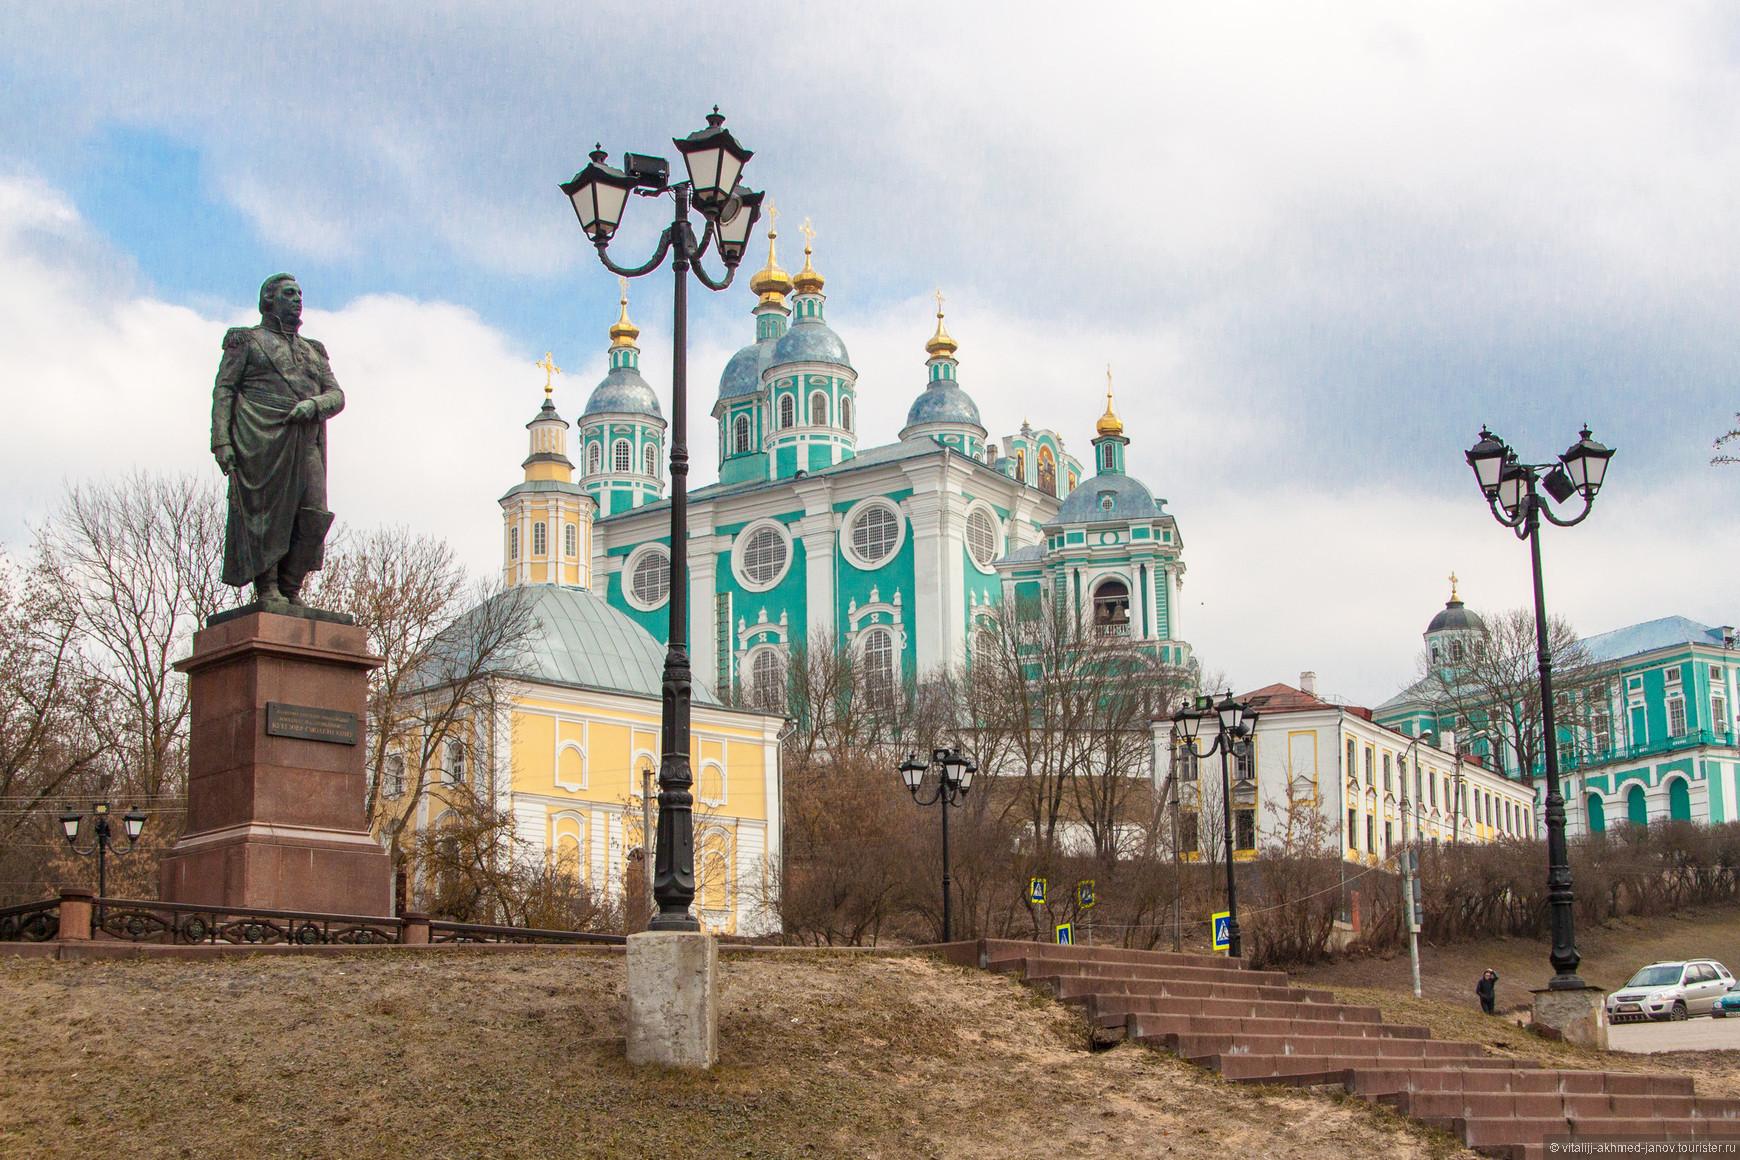 Смоленск: достопримечательности, что посмотреть за один день